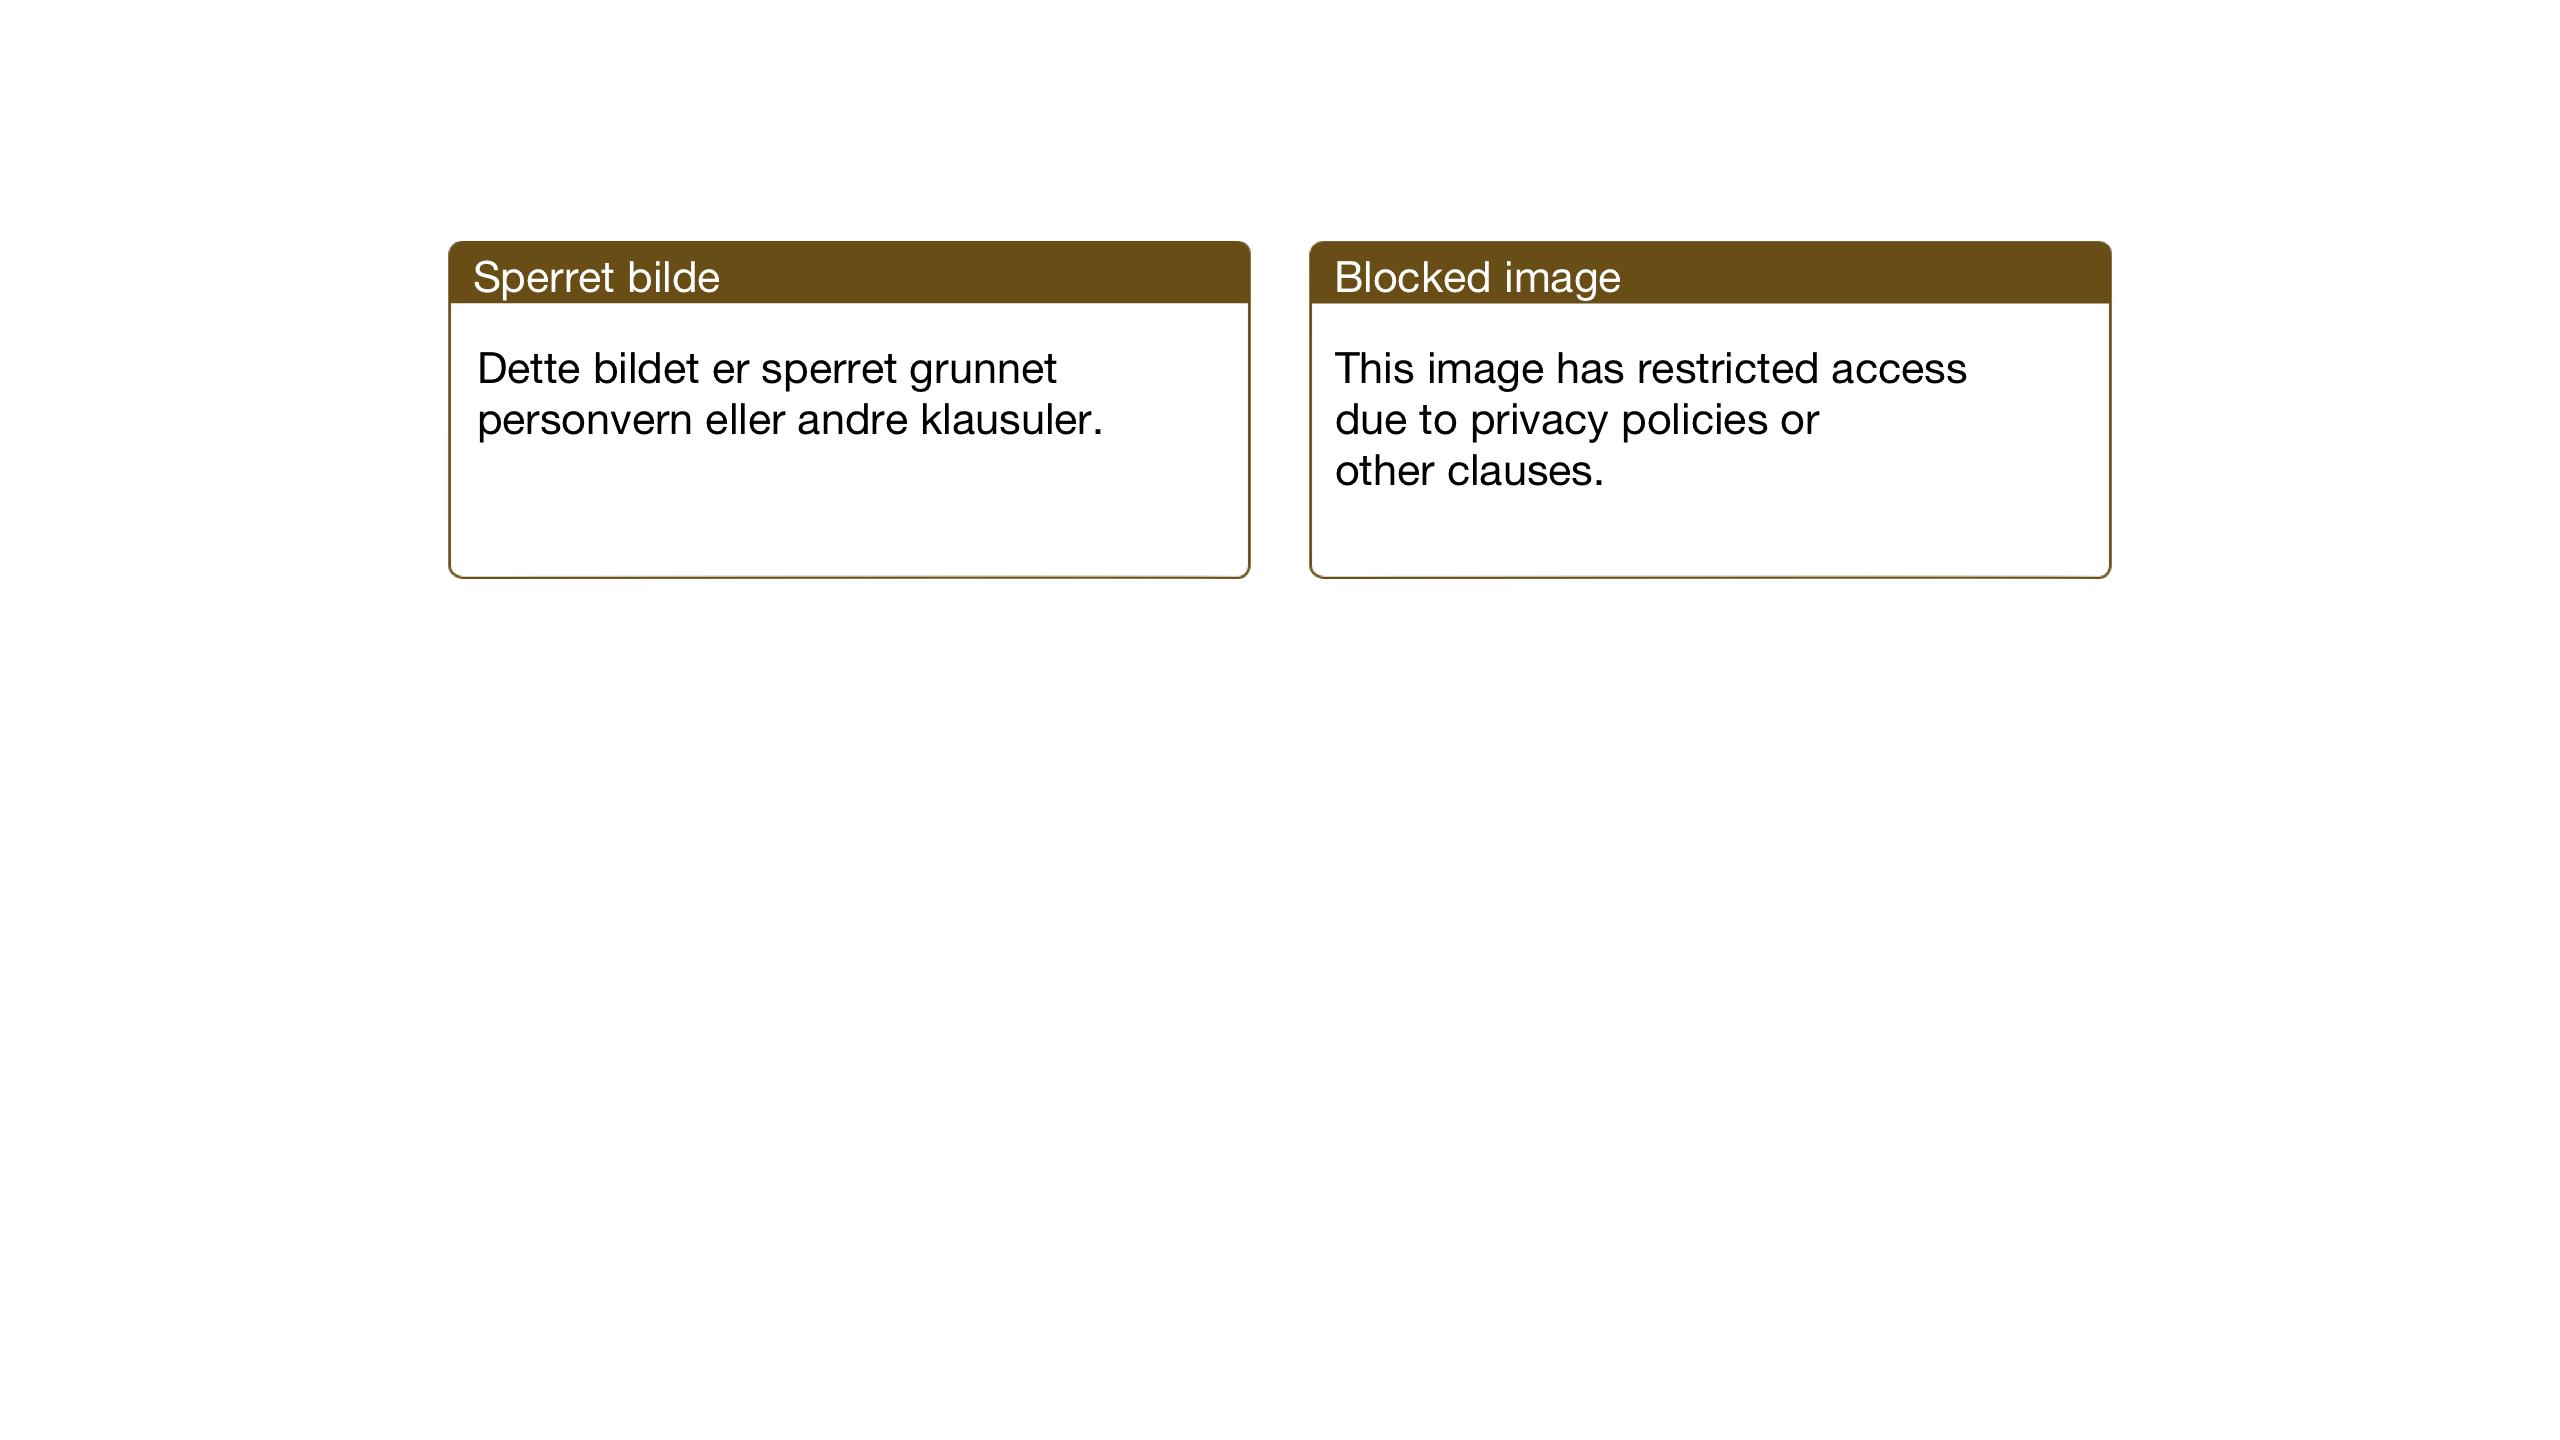 SAT, Ministerialprotokoller, klokkerbøker og fødselsregistre - Sør-Trøndelag, 618/L0454: Klokkerbok nr. 618C05, 1926-1946, s. 79